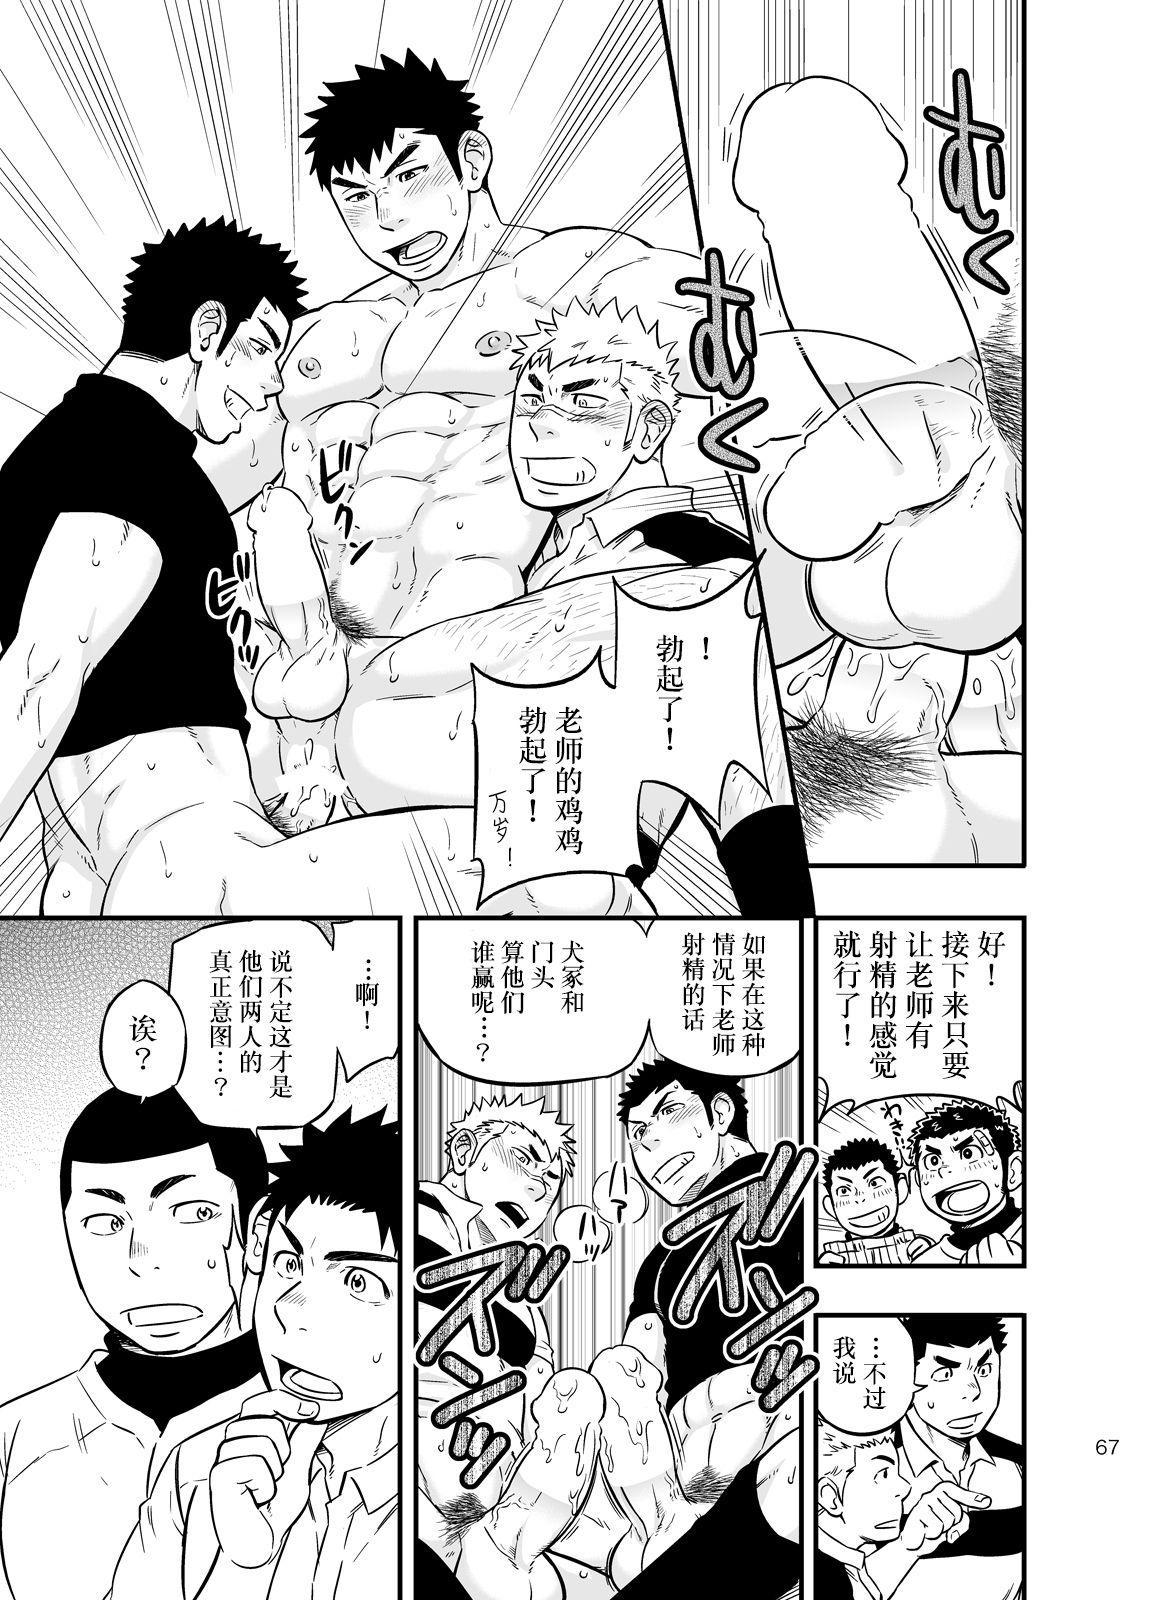 Moshimo Danshikou no Hoken Taiiku ga Jitsugi Ari Dattara 2 | 如果男校的保健体育课有实践环节的话 2 65